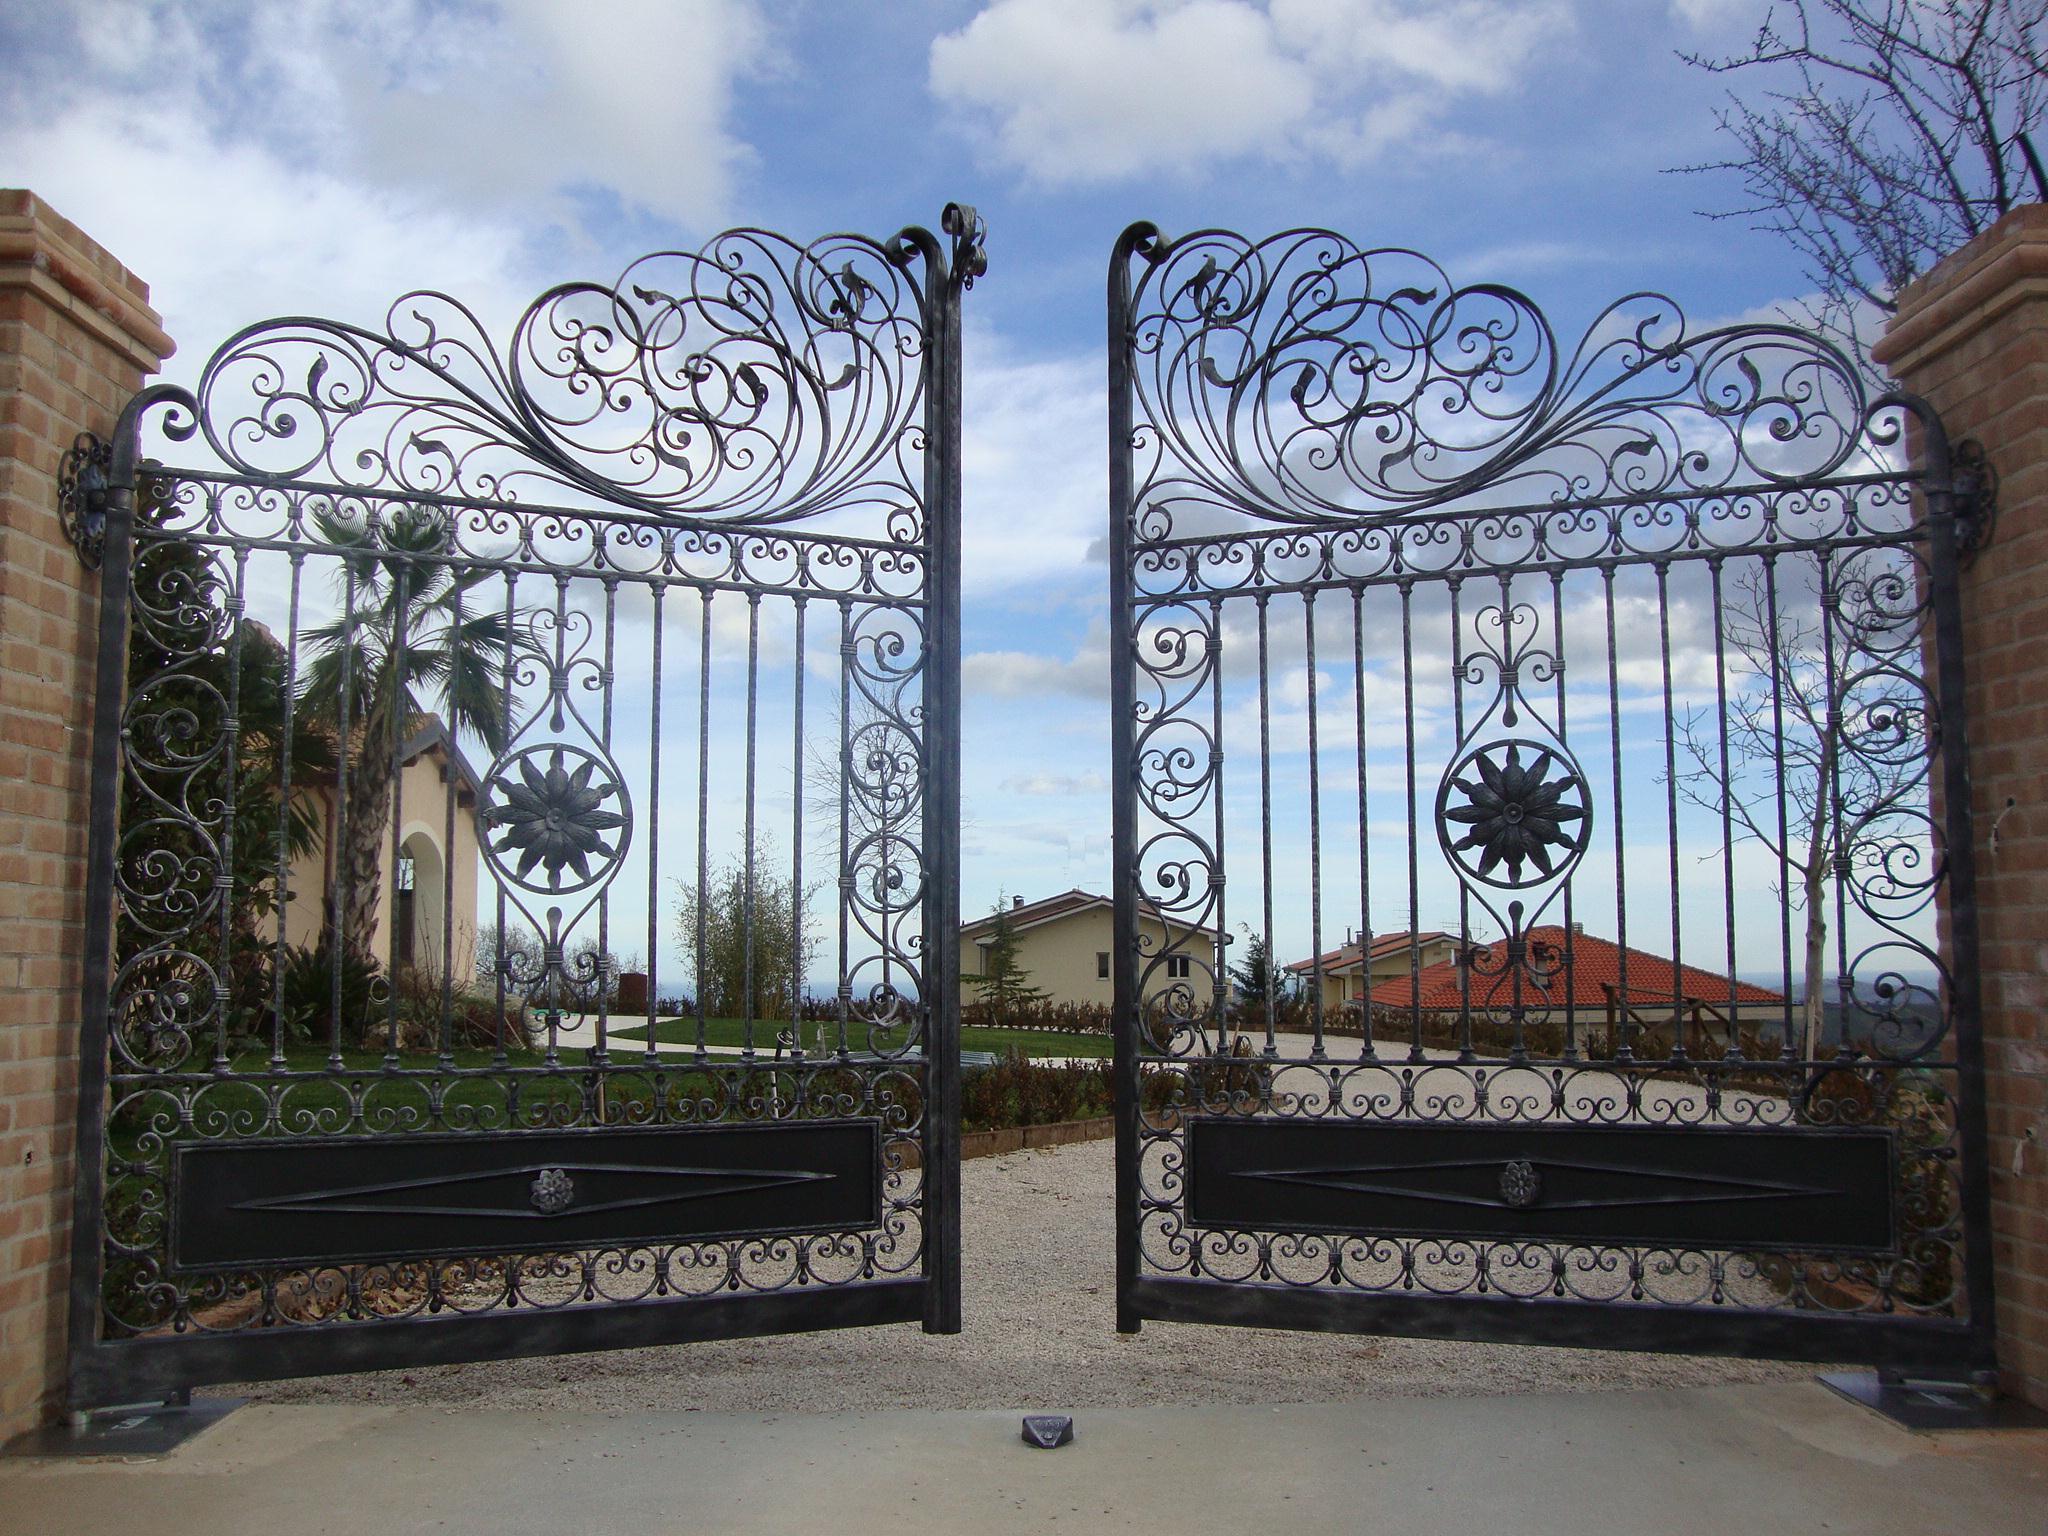 Gia chủ tuyệt đối không nên xây dựng cổng quá kín cổ cao tường mà nên để một khoảng hở để cho khí lưu thông